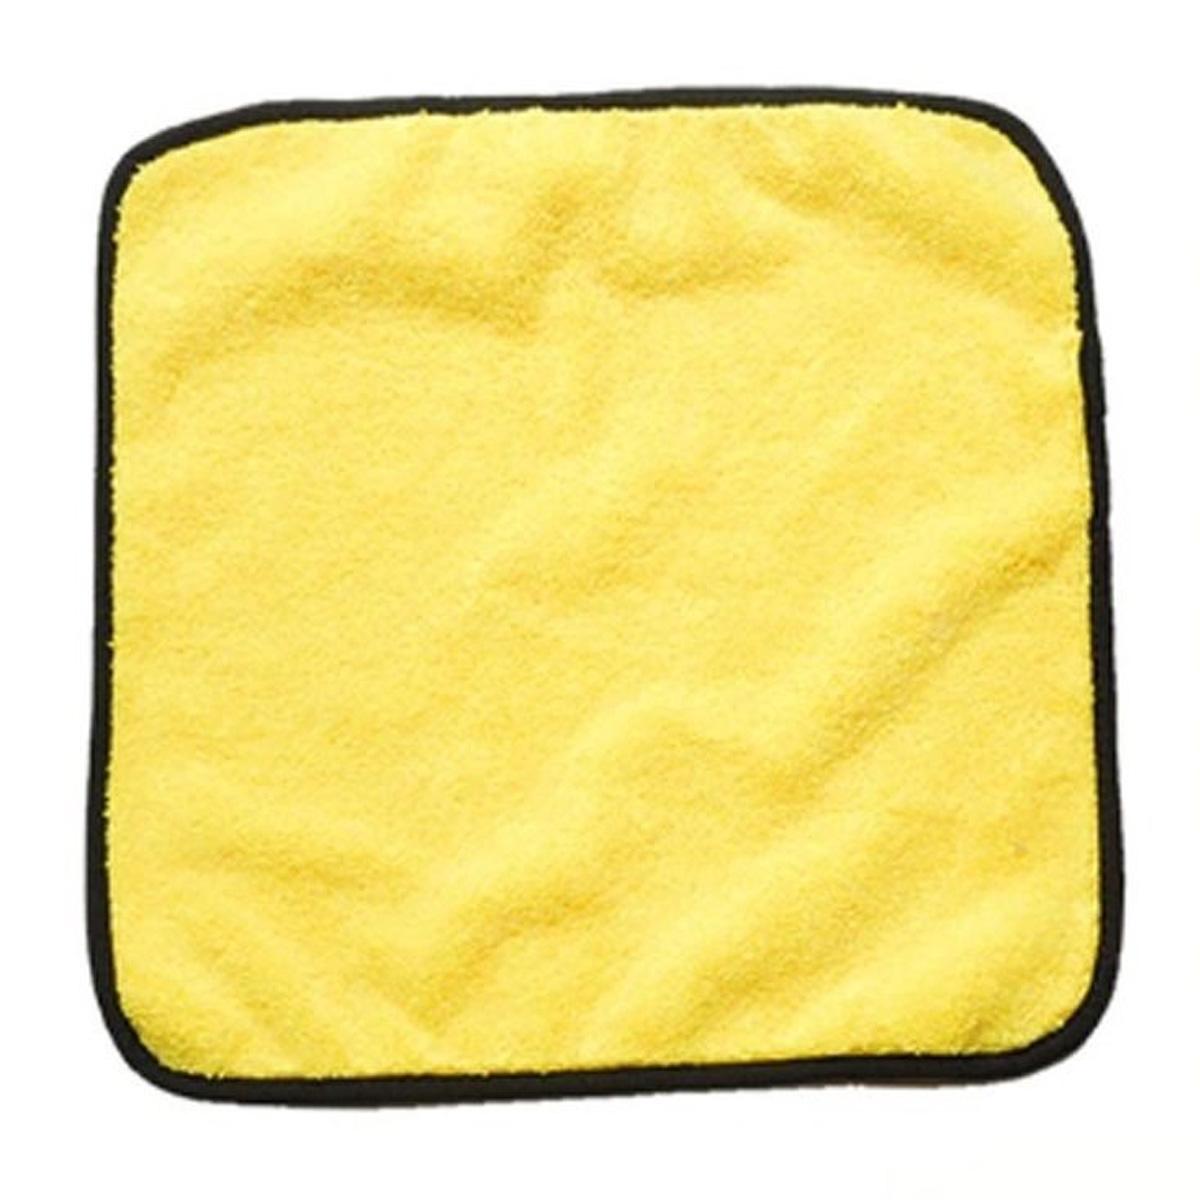 Flanela de Microfibra Amarelo 38x38cm Mandala Detailer 380gm2